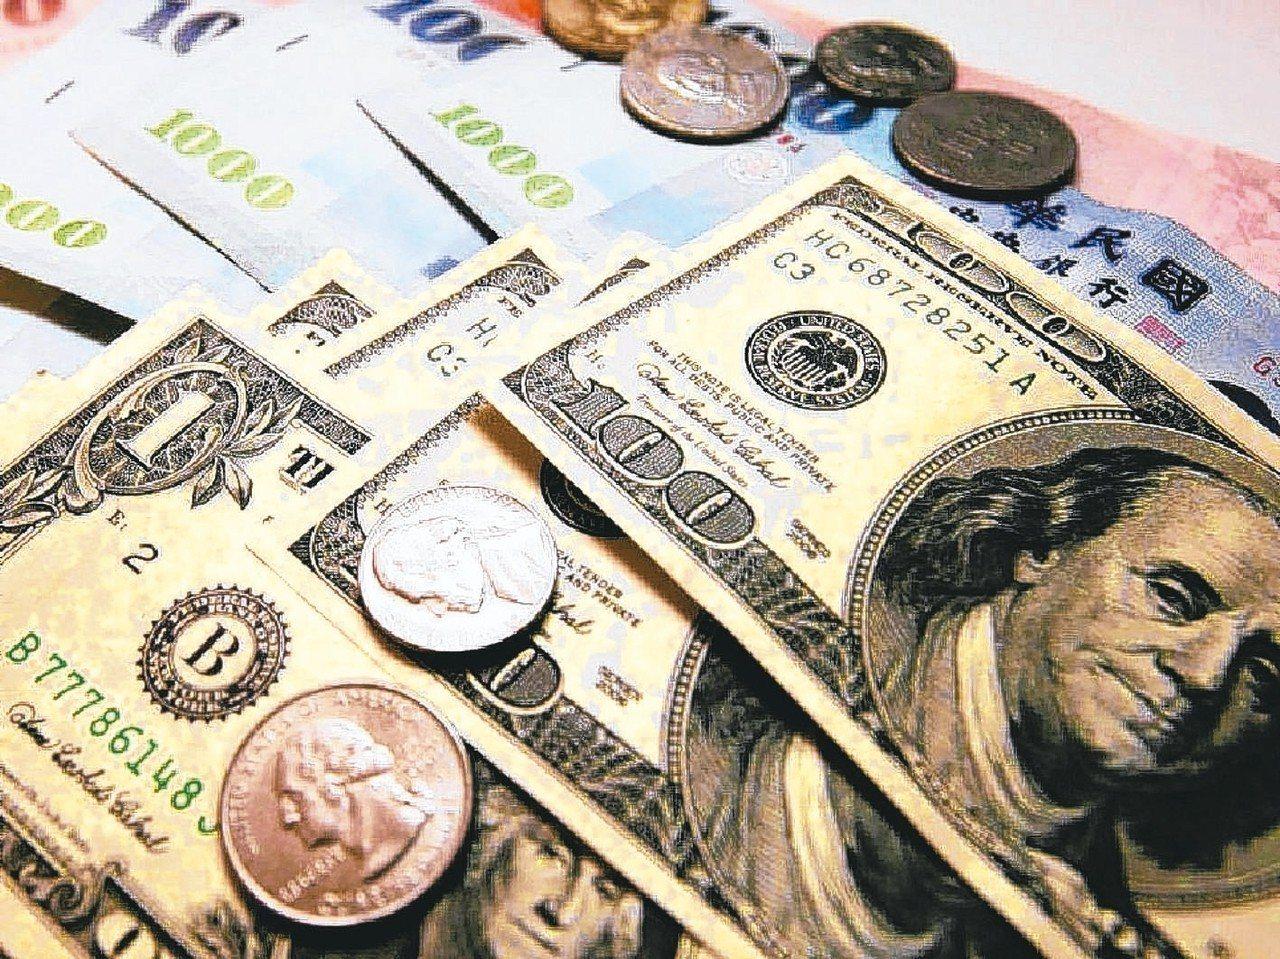 銀行趁基金贖回潮搶錢,競相推出高利外幣定存。 (本報系資料庫)